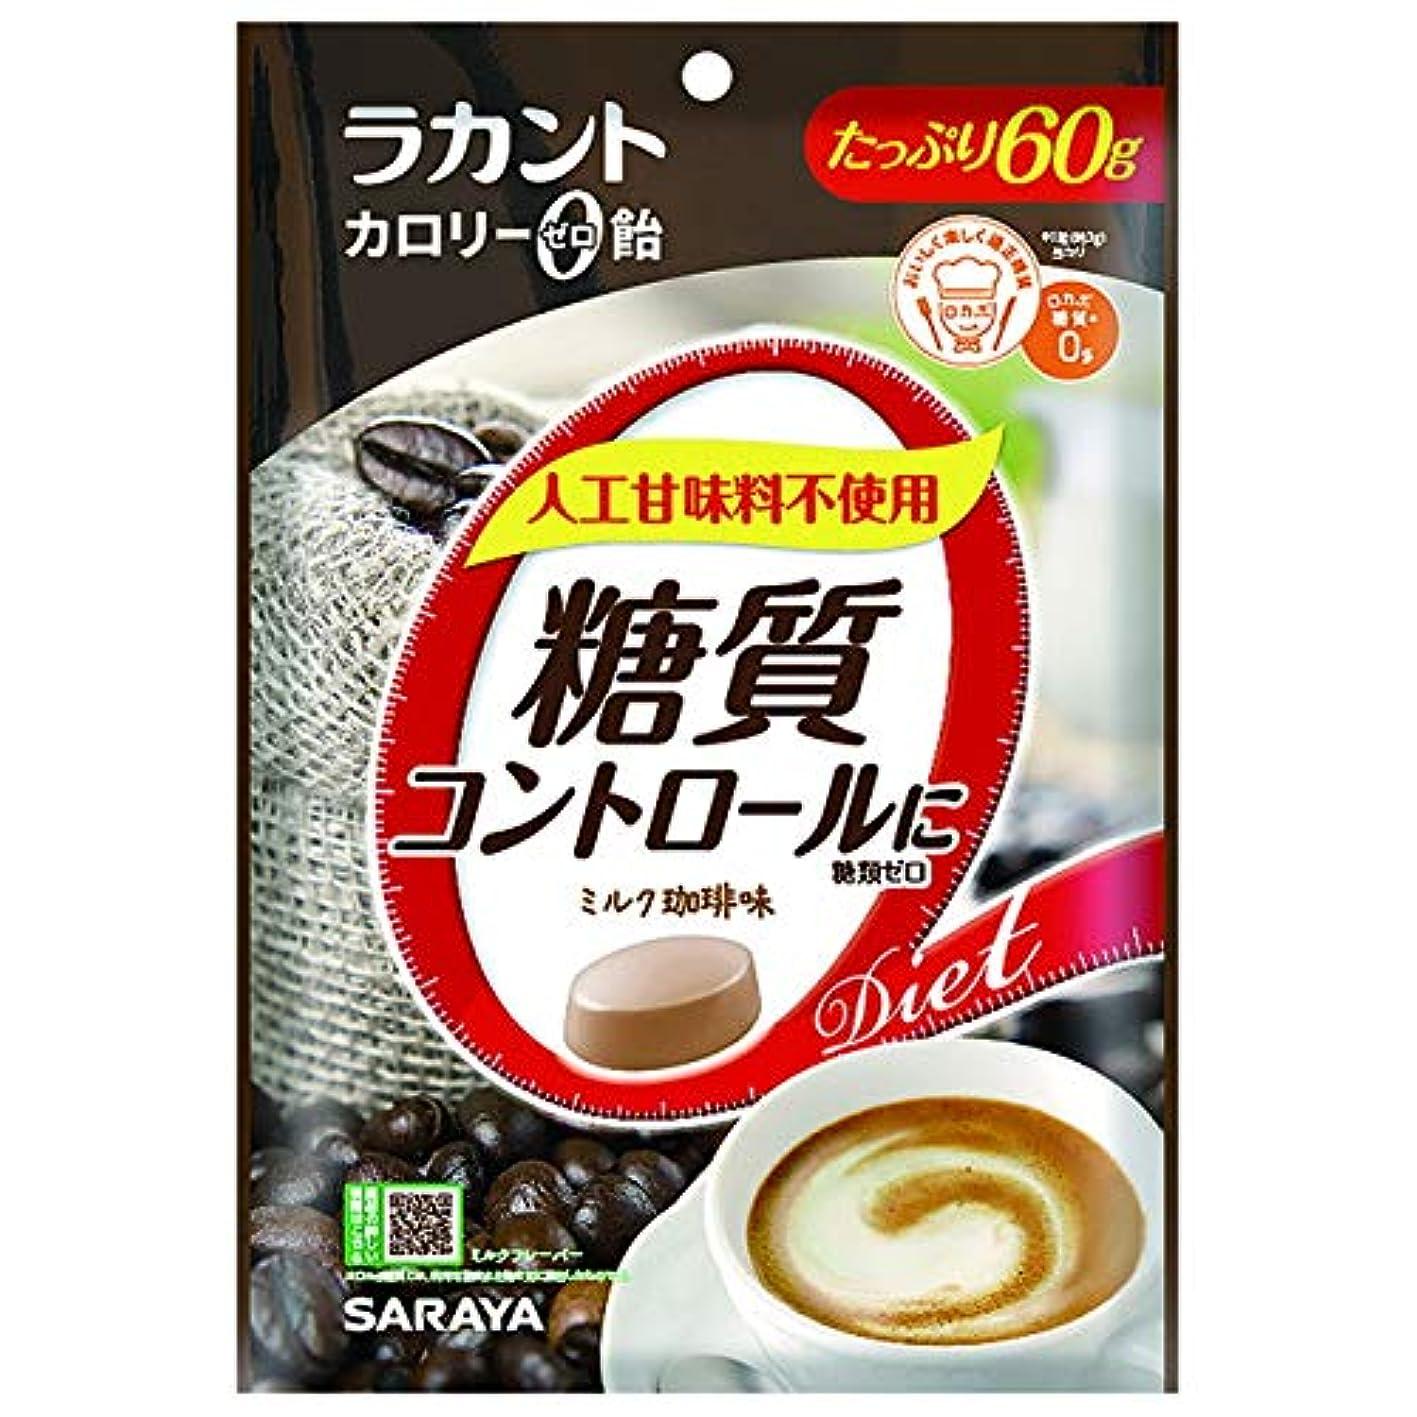 貝殻グループやるラカント カロリーゼロ飴 ミルク珈琲 60g【3個セット】